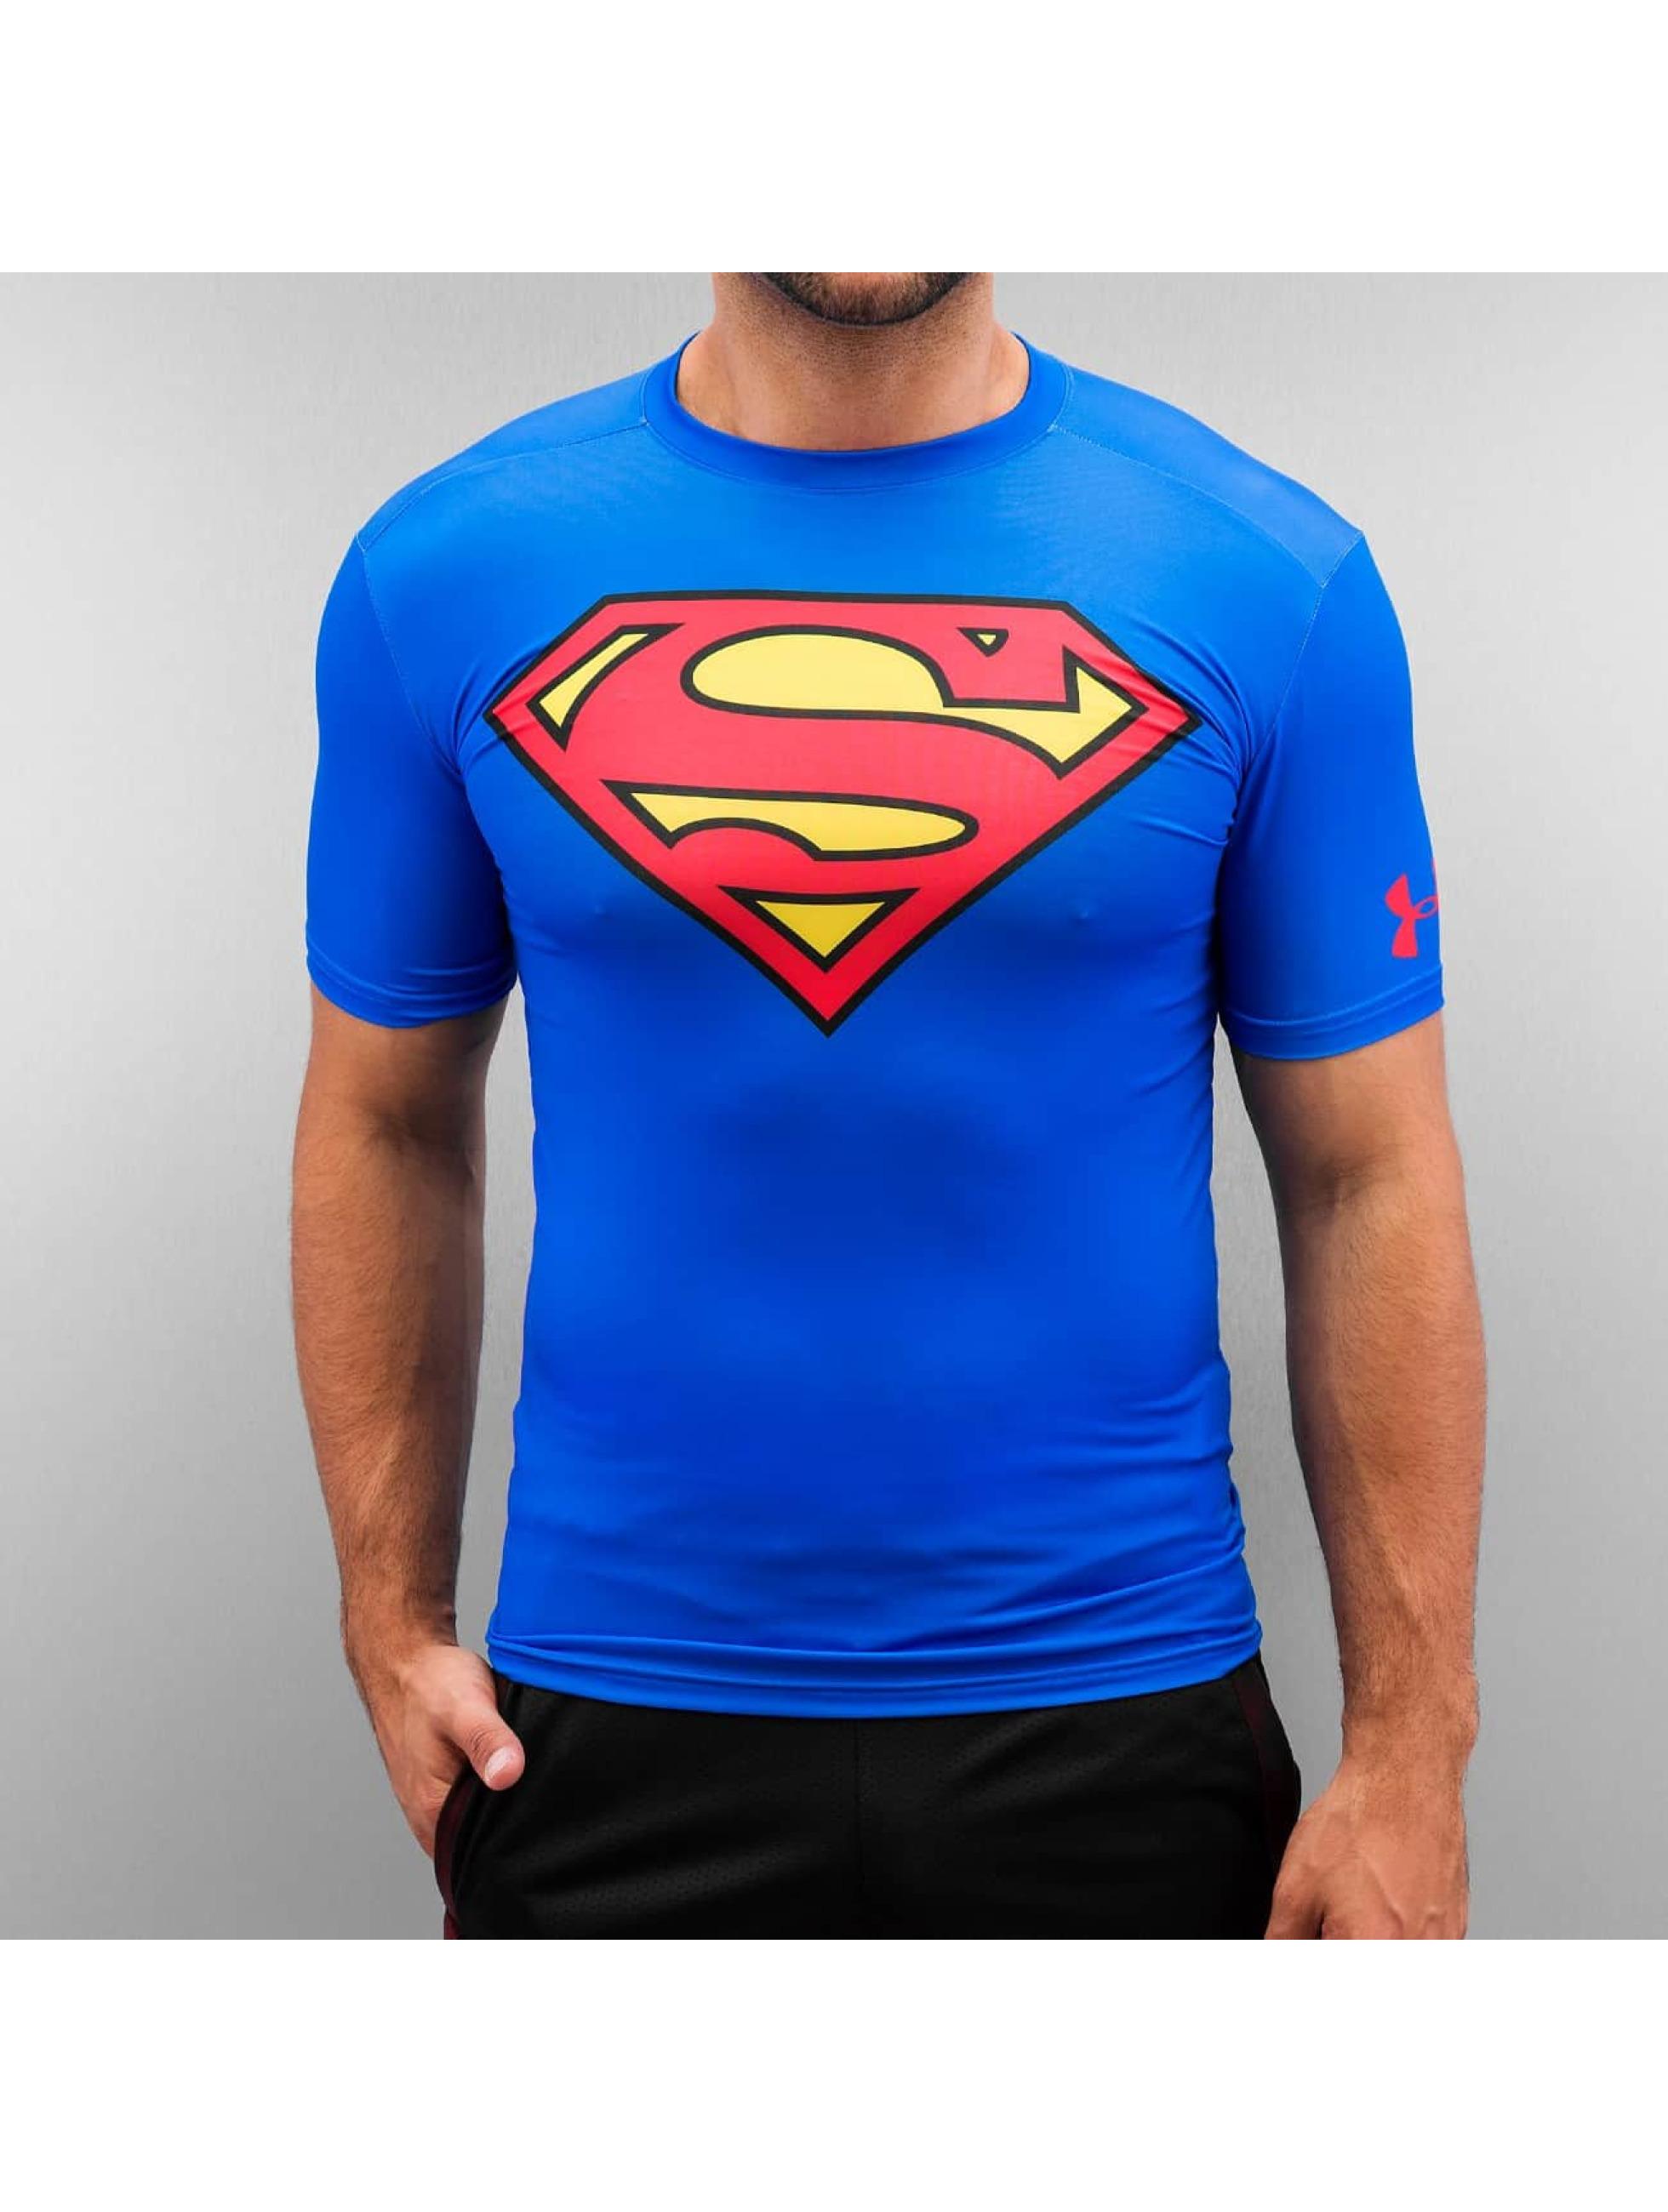 Under Armour T-skjorter Alter Ego Superman Compression blå